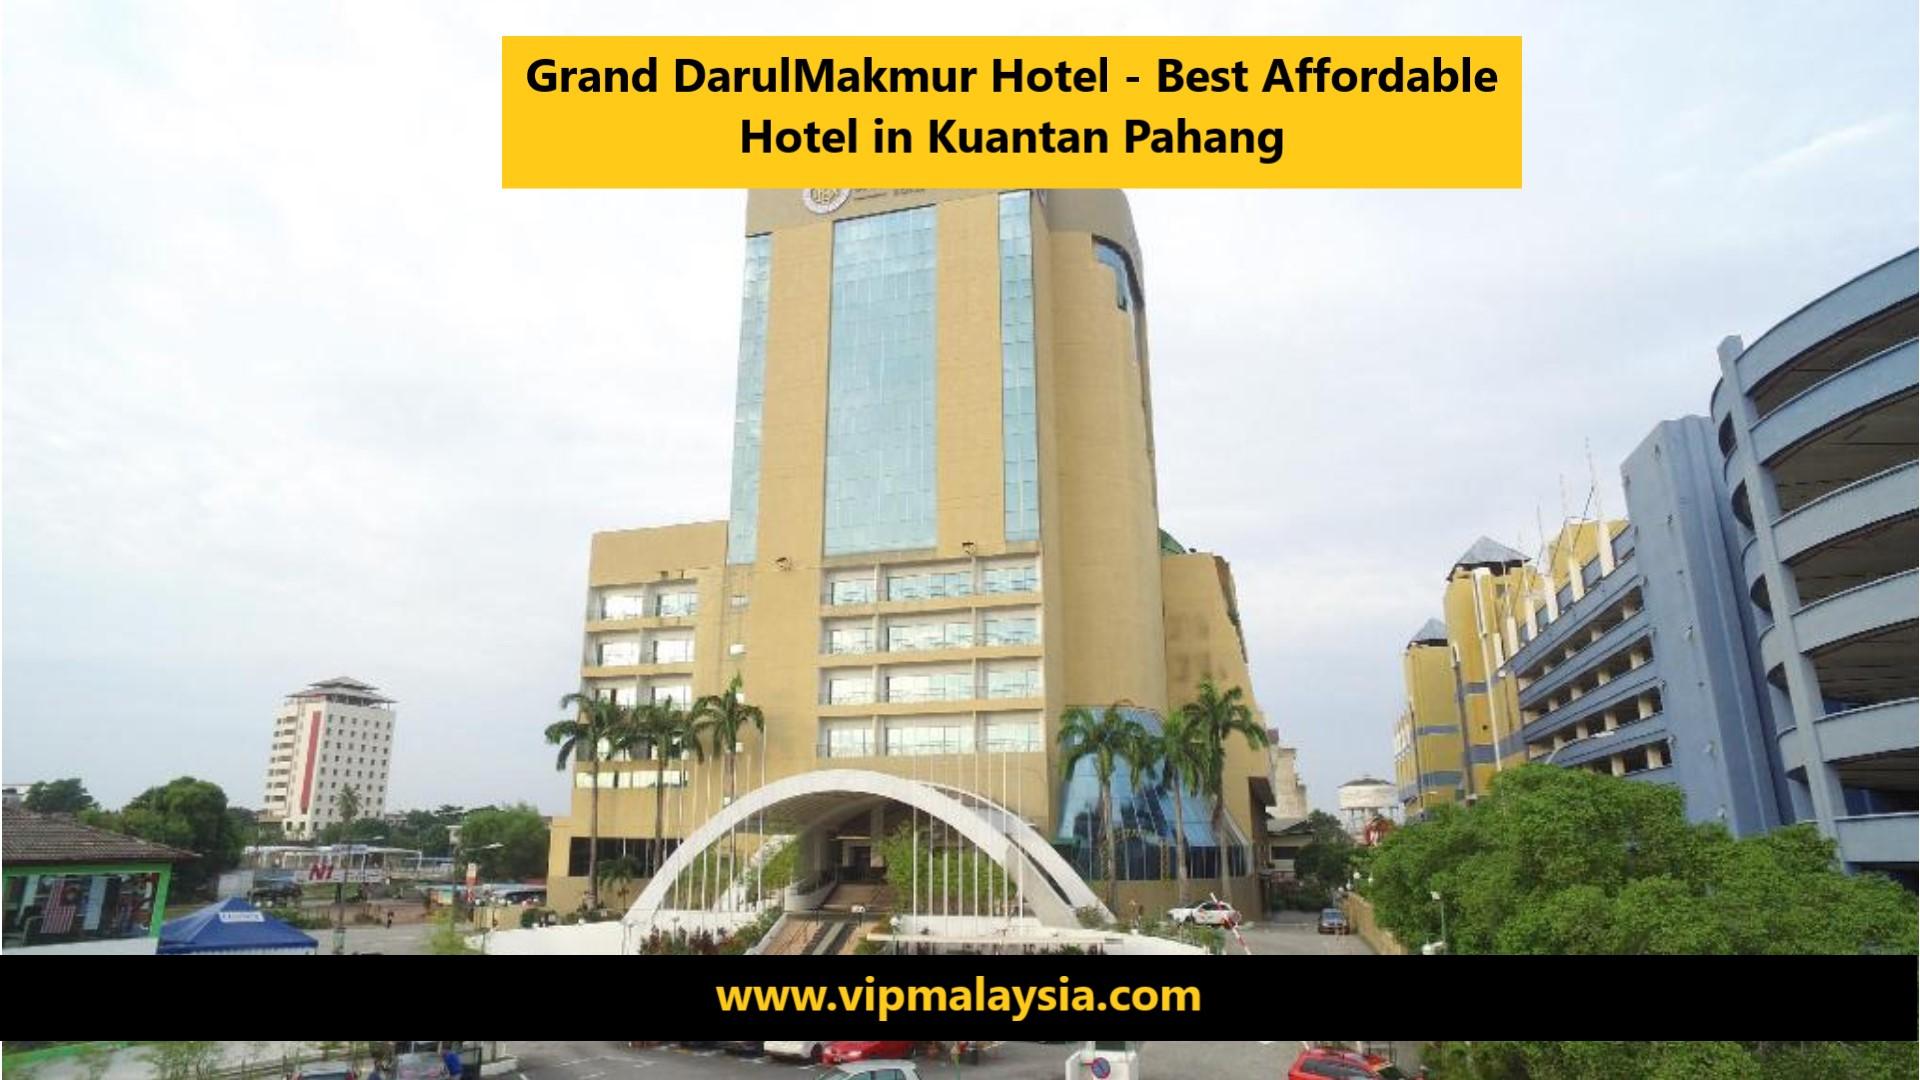 Grand DarulMakmur Hotel Kuantan Pahang Malaysia